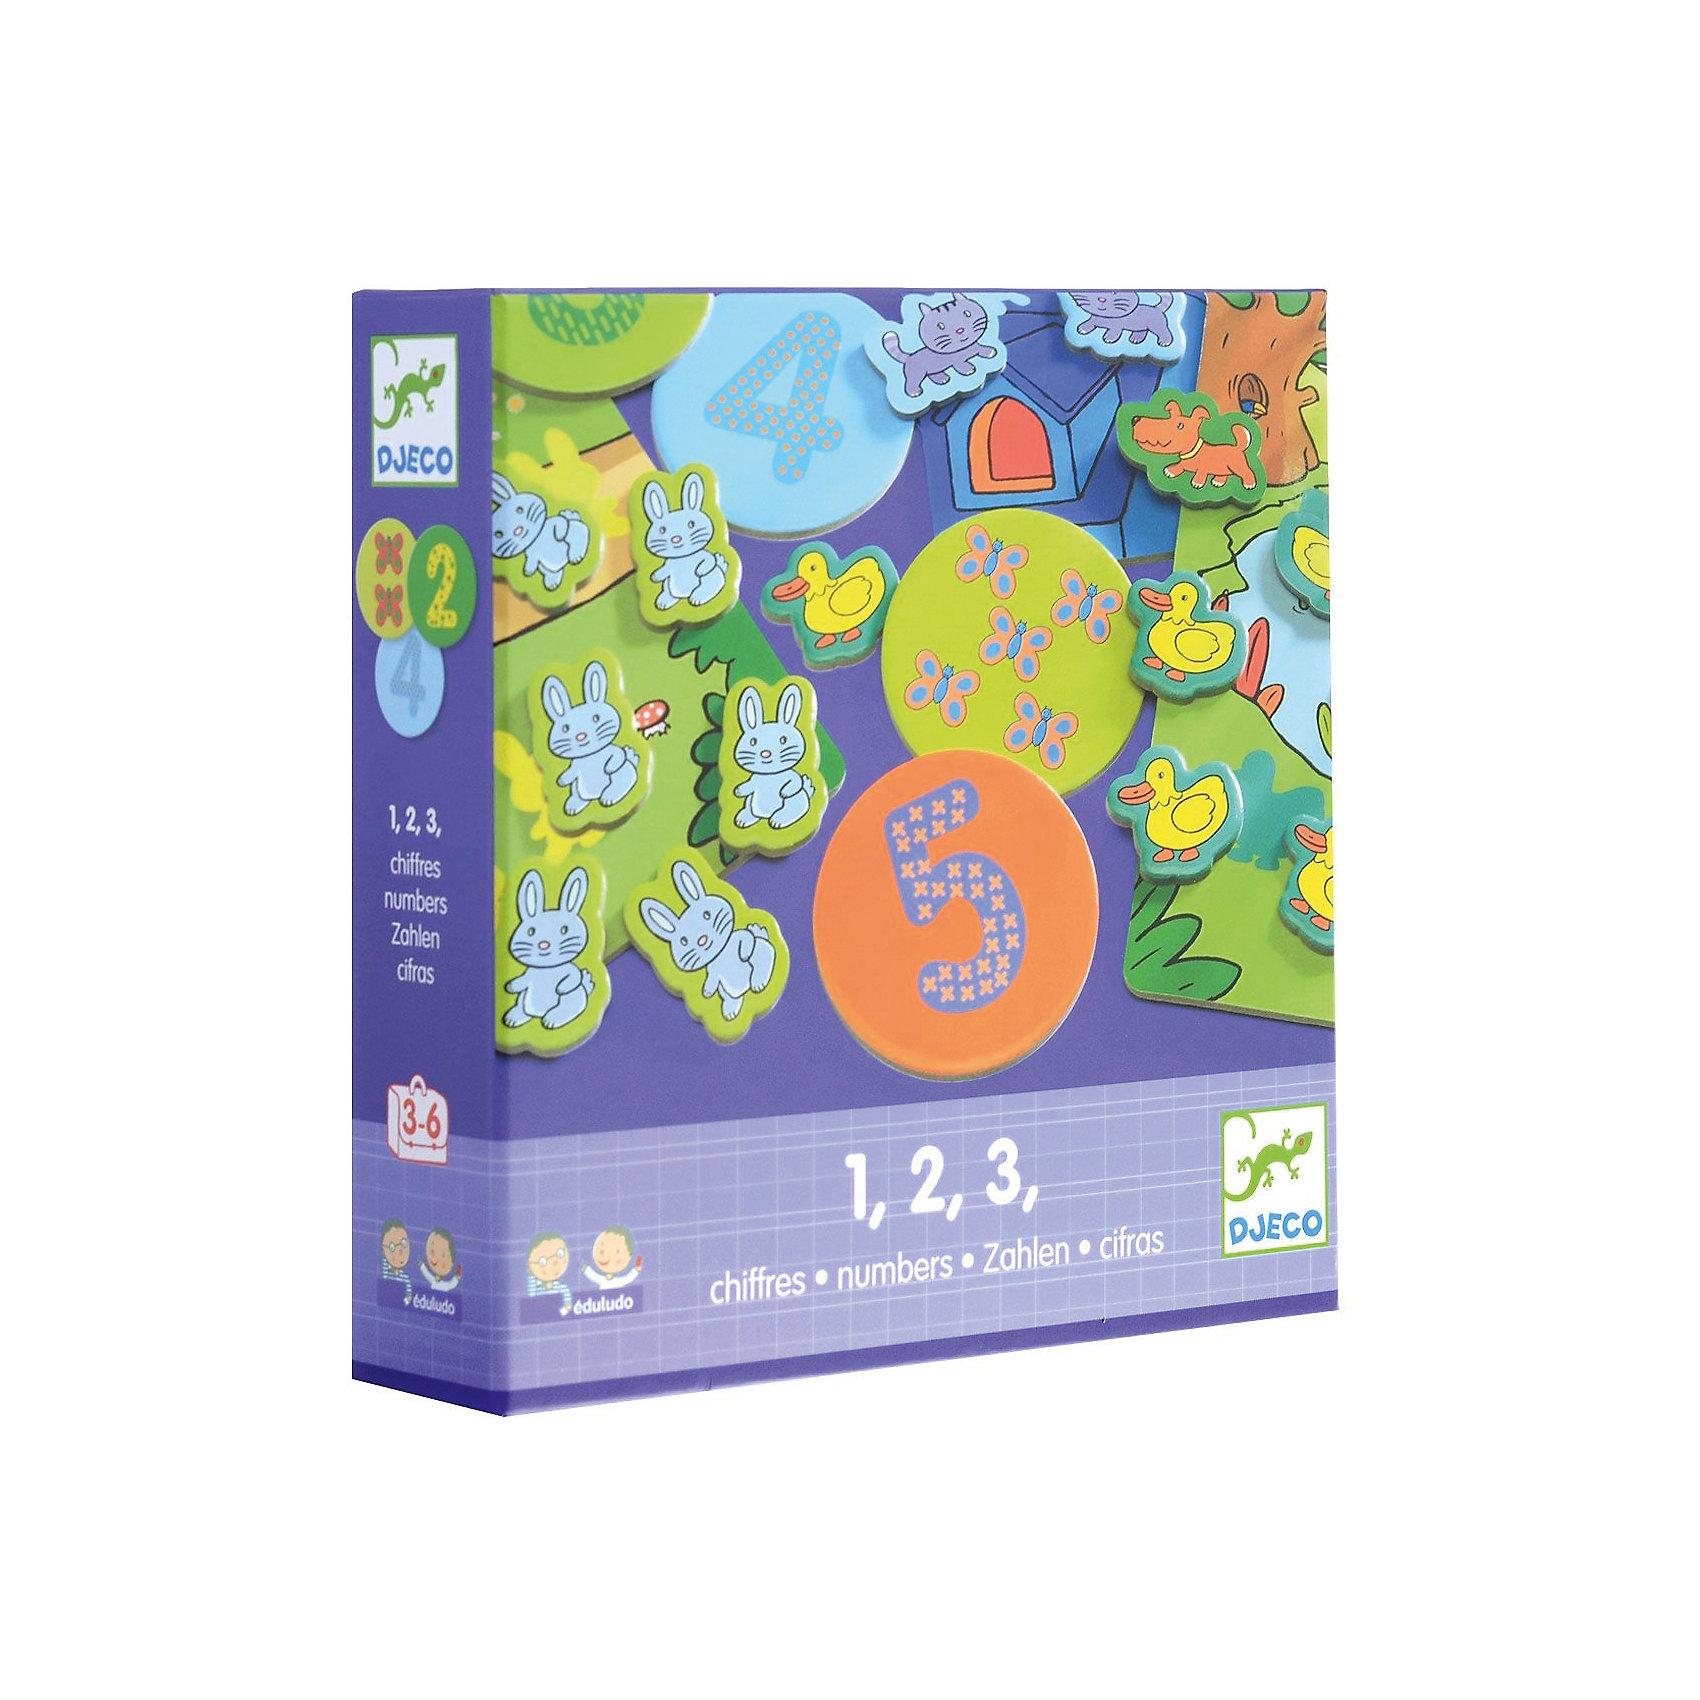 Игра Eduludo: Цифры, DJECOИгра Eduludo: Цифры поможет детям в интересной и увлекательно форме познакомиться с цифрами и освоить первоначальные навыки счета. Возможны 4 варианта игры – игра на память (найти соответствия), игра на наблюдательность, игра на ассоциации, игра на счет. <br><br>Дополнительная информация:<br><br>- Материал: картон, пластик.<br>- Размер упаковки: 22х22х5,5 см.<br>- Комплектация: 4 карточки, 10 кружков с рисунками, 10 кружков с числами, 55 героев (коты, утки, собаки, зайцы), кубик, инструкция.<br><br>Игру Eduludo: Цифры, DJECO (Джеко), можно купить в нашем магазине.<br><br>Ширина мм: 215<br>Глубина мм: 215<br>Высота мм: 50<br>Вес г: 275<br>Возраст от месяцев: 36<br>Возраст до месяцев: 72<br>Пол: Унисекс<br>Возраст: Детский<br>SKU: 4051901